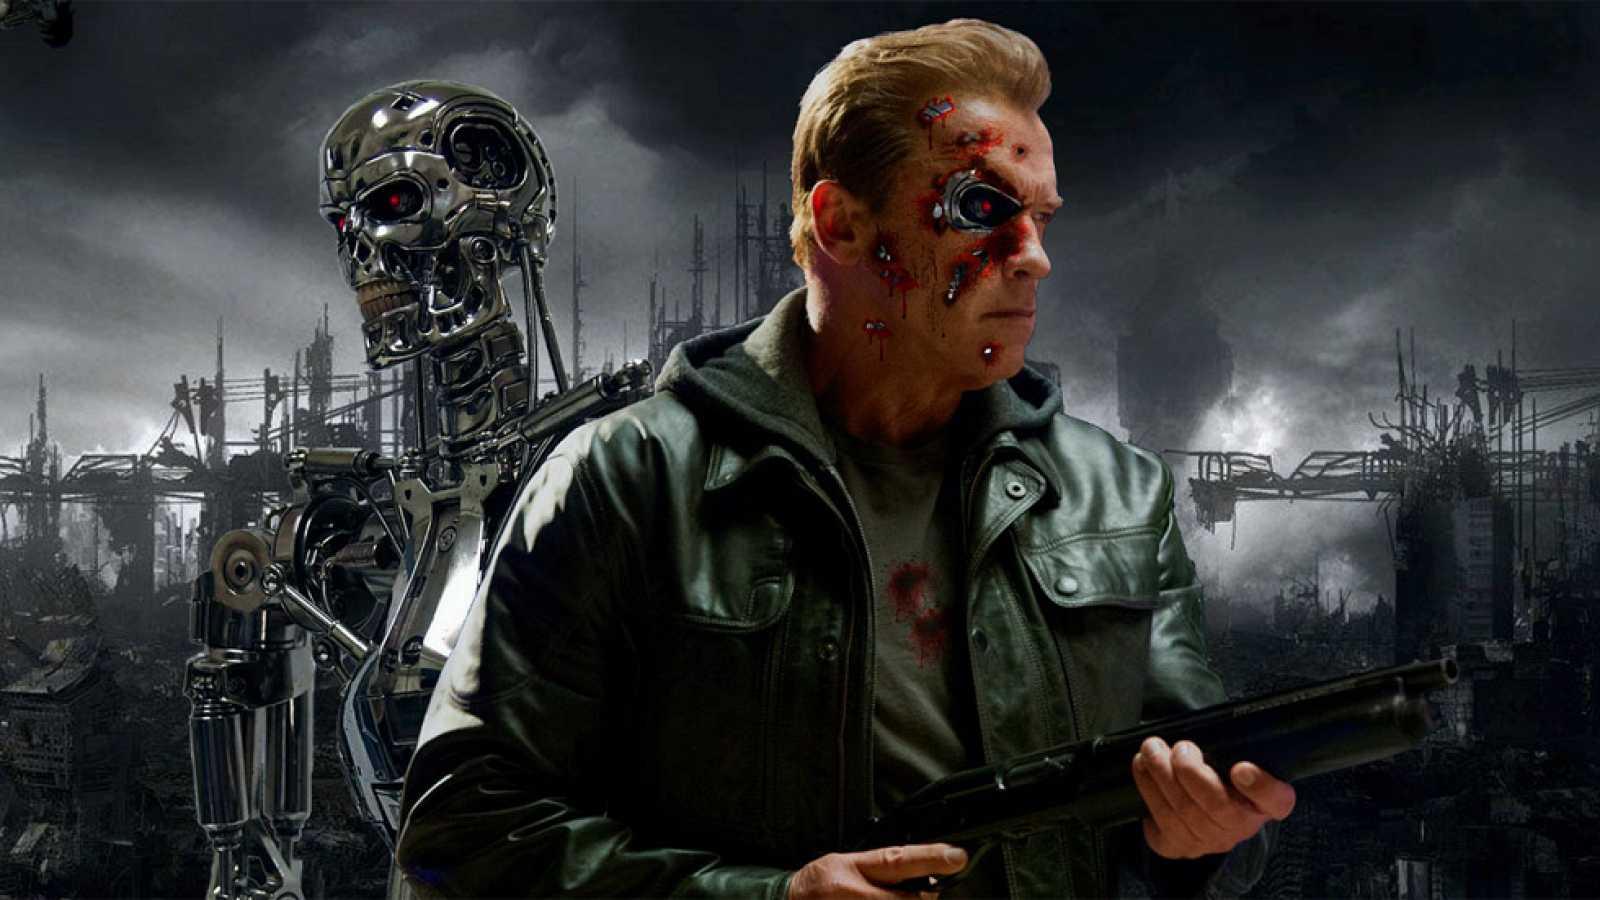 Ciencia y acción - Terminator Génesis (Alan Taylor, 2015) - Escuchar ahora